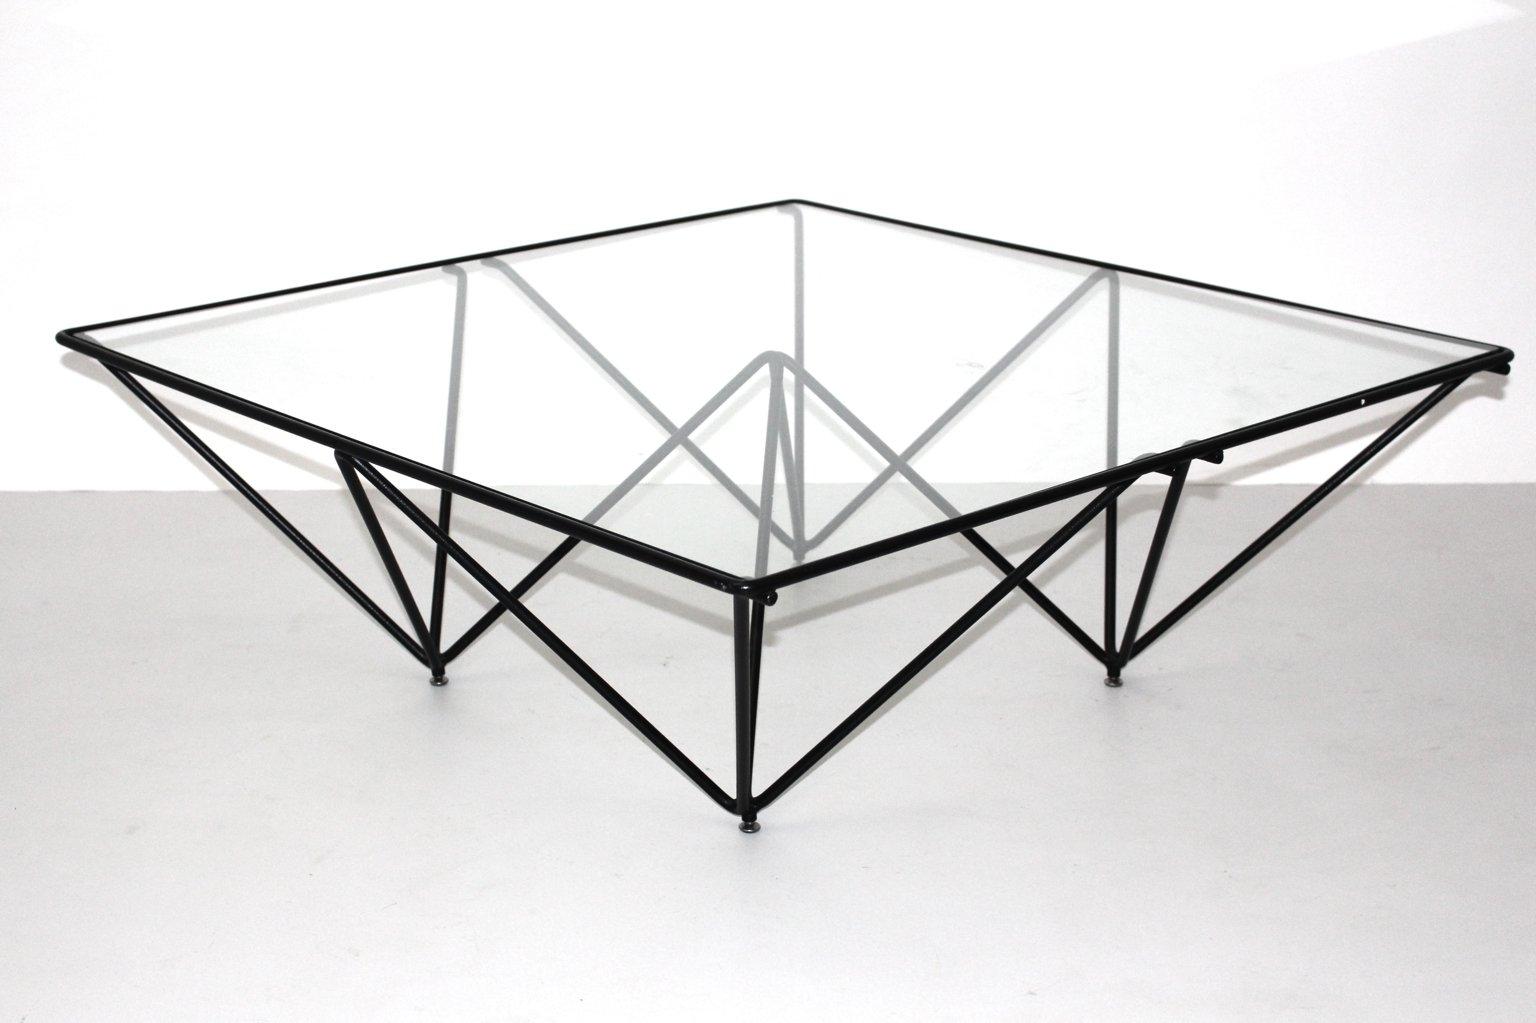 table basse g om trique 1980s en vente sur pamono. Black Bedroom Furniture Sets. Home Design Ideas